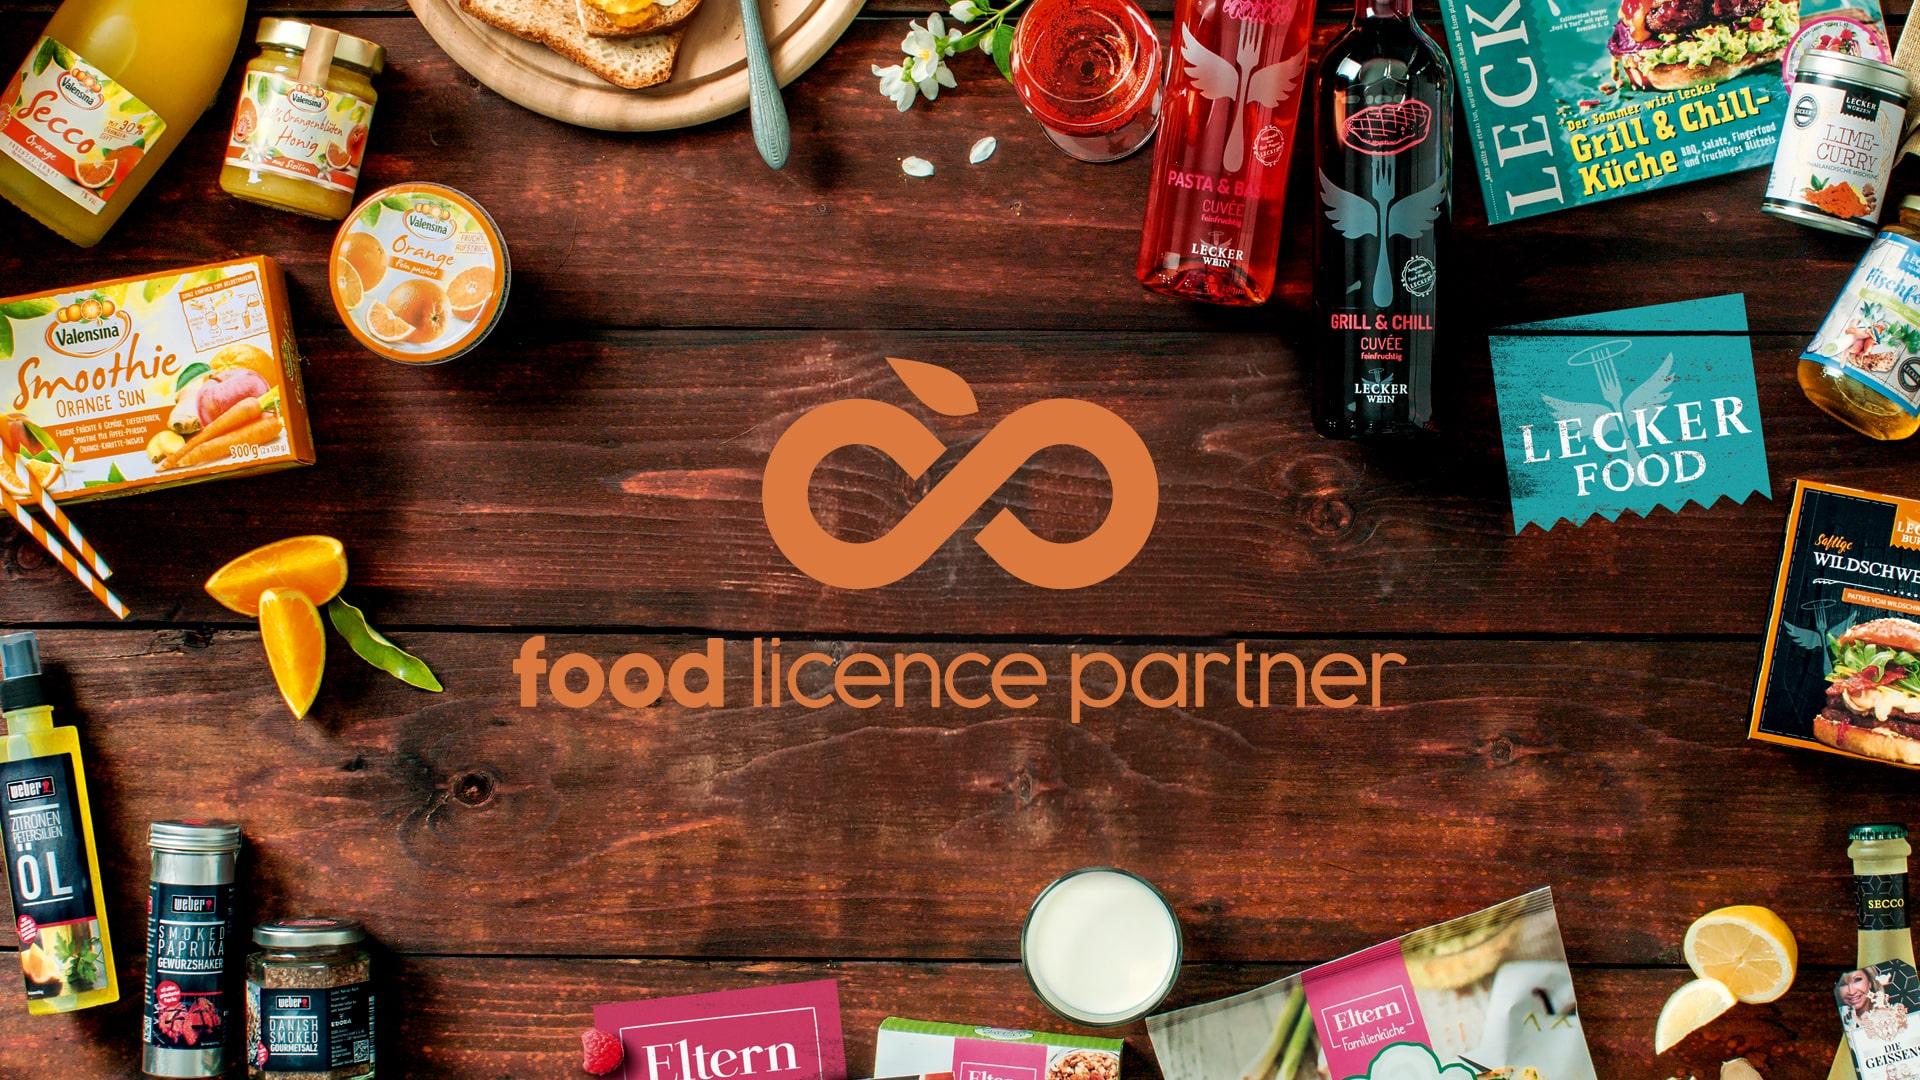 header-image-food-licence-partner